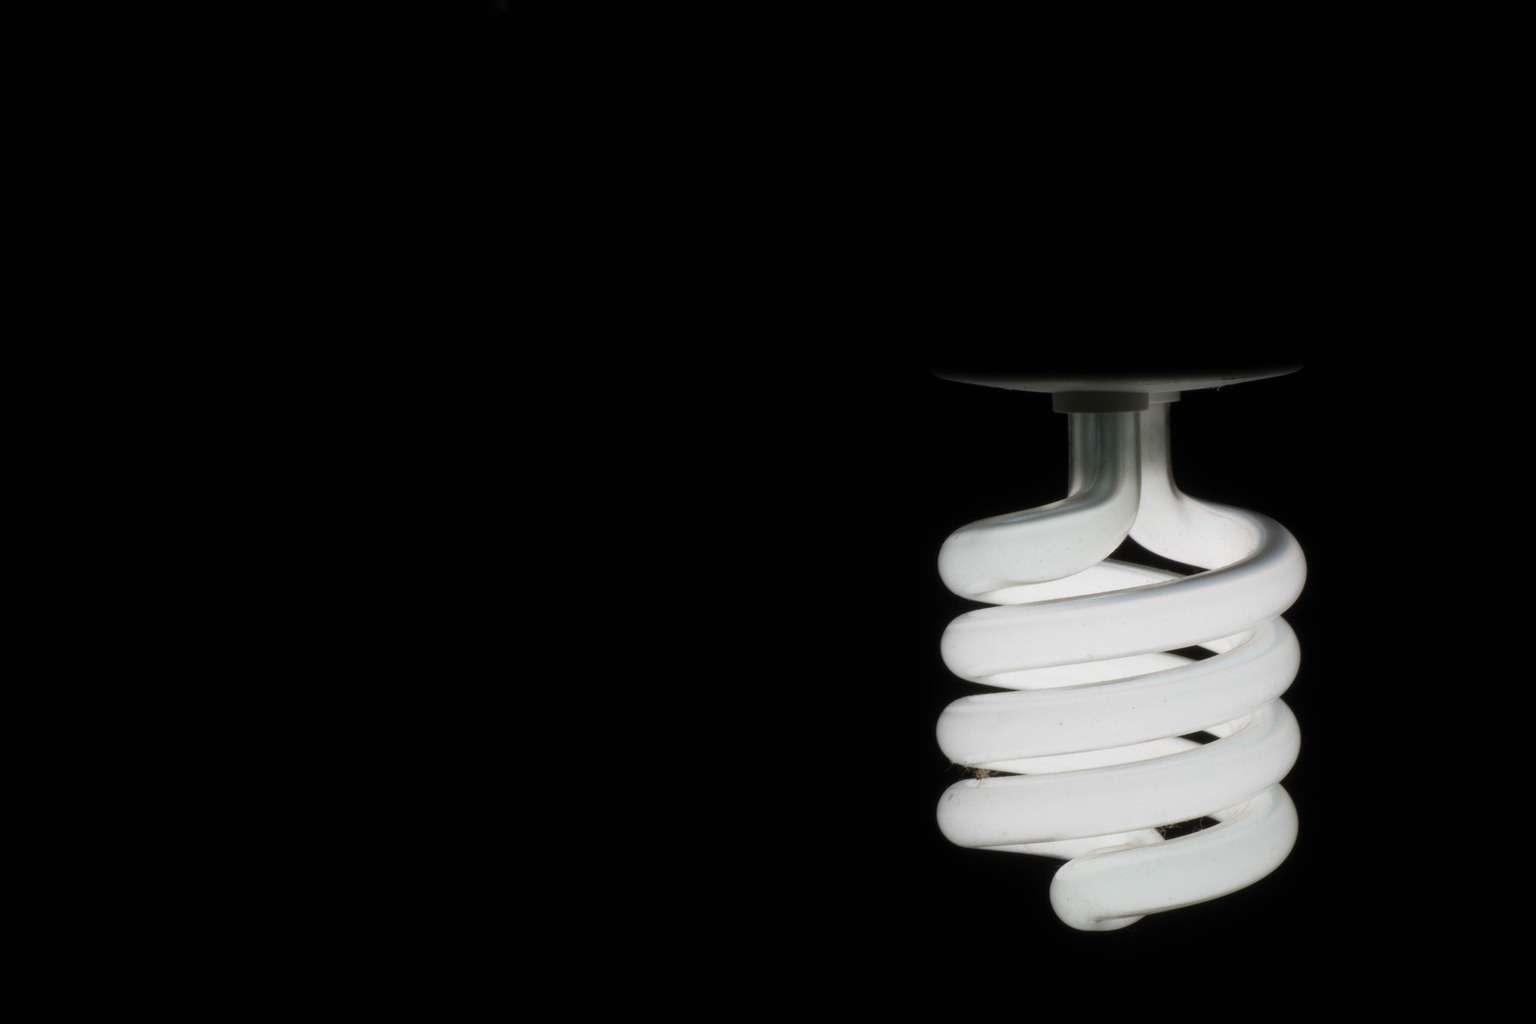 CLF light bulb